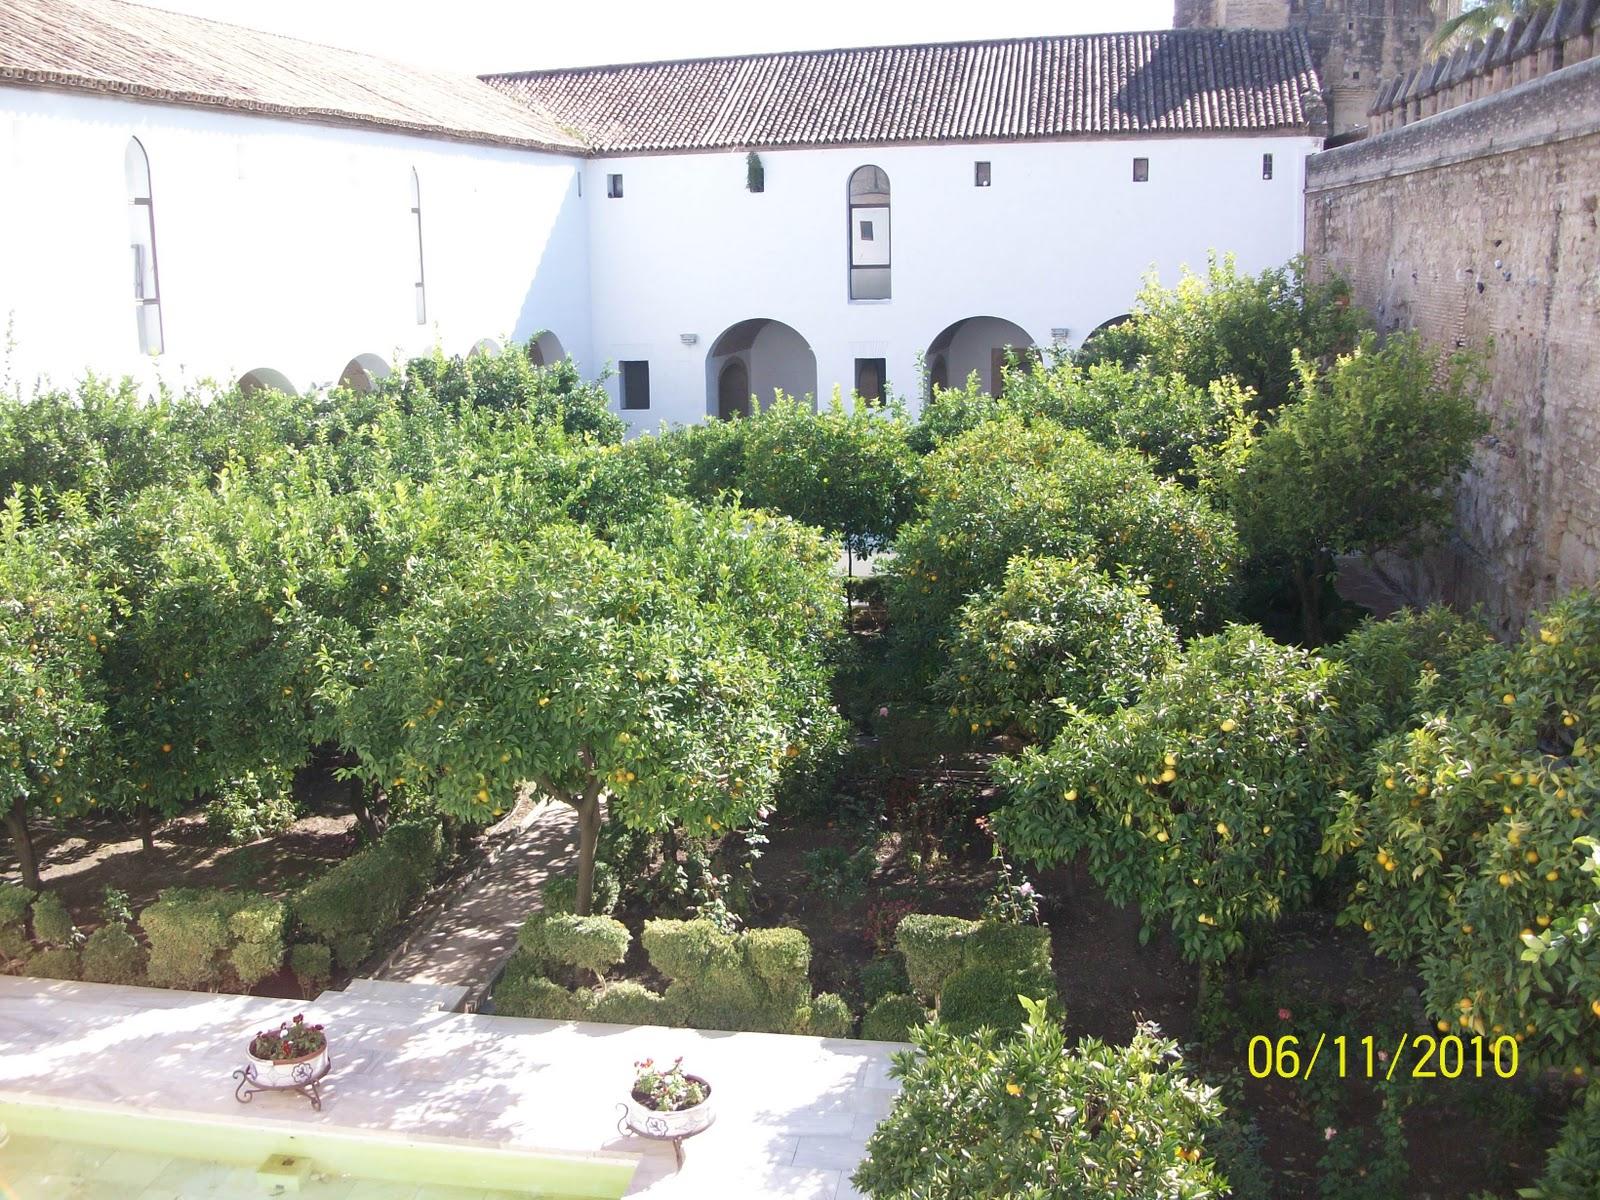 El paraje de paco una visita a cordoba fotos del puente romano y jardines del alcazar - Jardines puente cultural ...